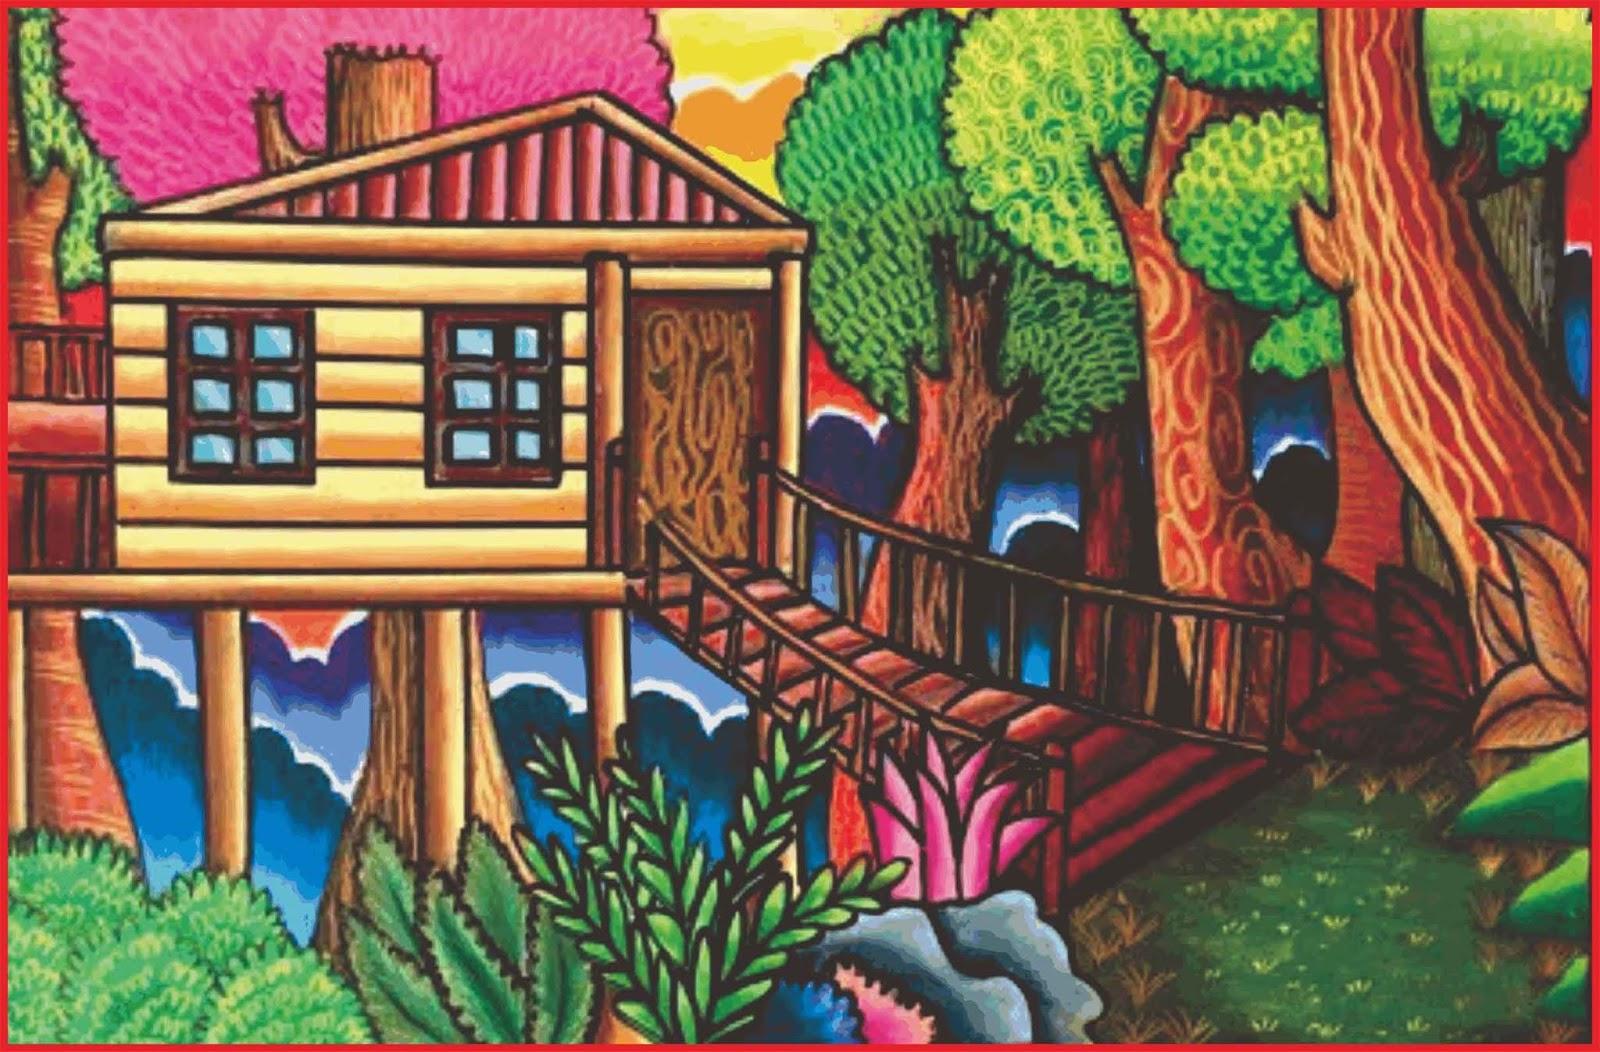 Menggambar Rumah Dan Pemandangan Menggambar Dan Mewarnai